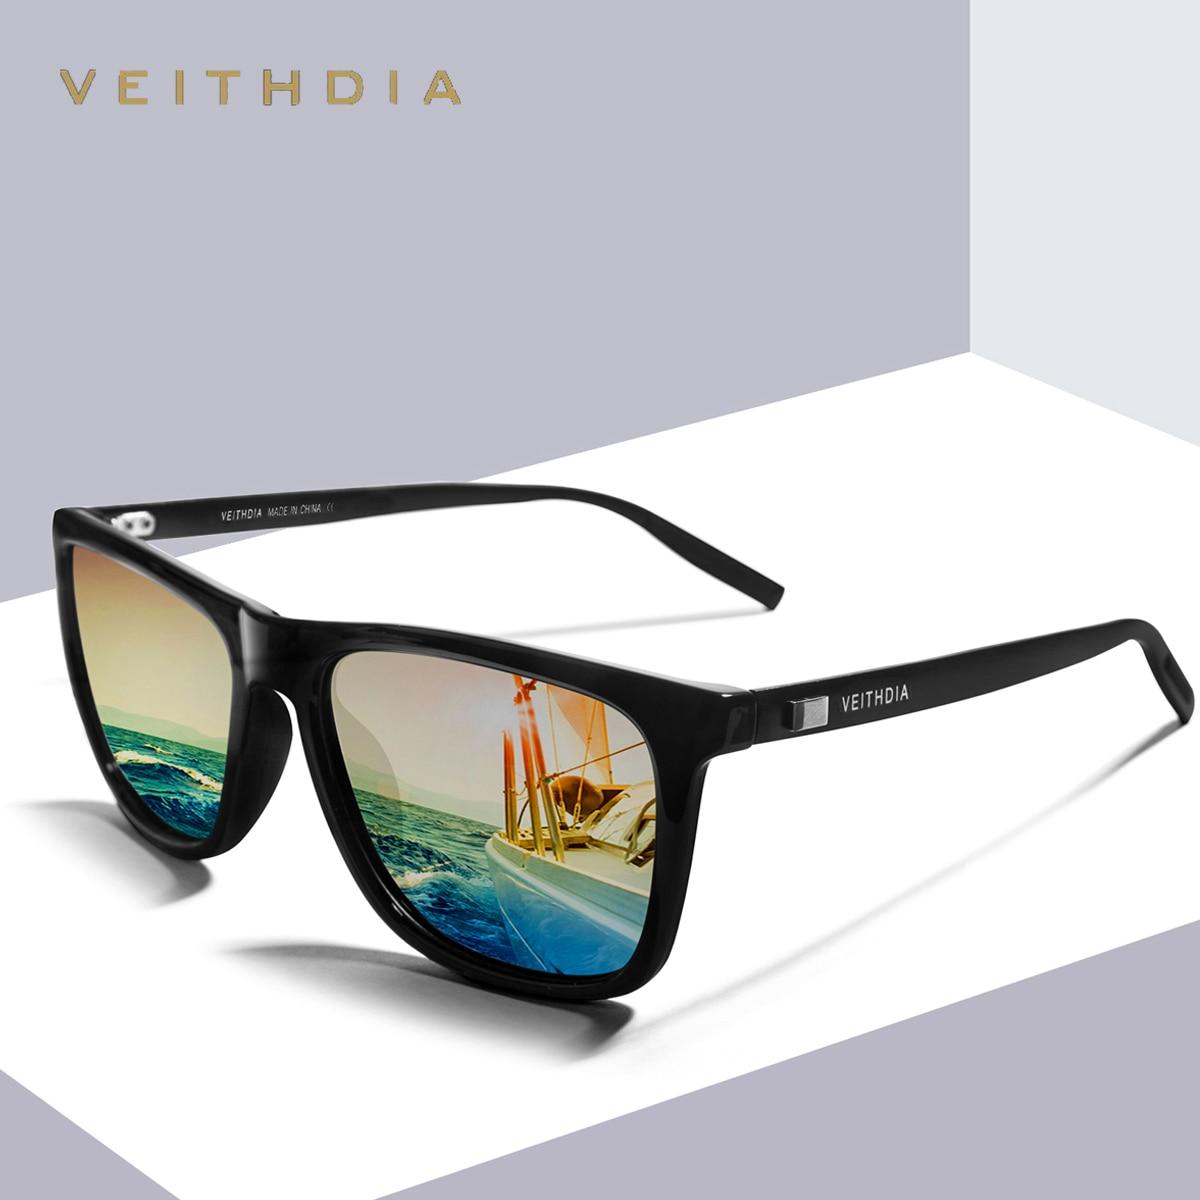 VEITHDIA Marka Unisex Retro Aluminijska + TR90 Sunčane naočale Polarizirane Objektiv Pribor Pribor za Sunčane naočale za muškarce / žene